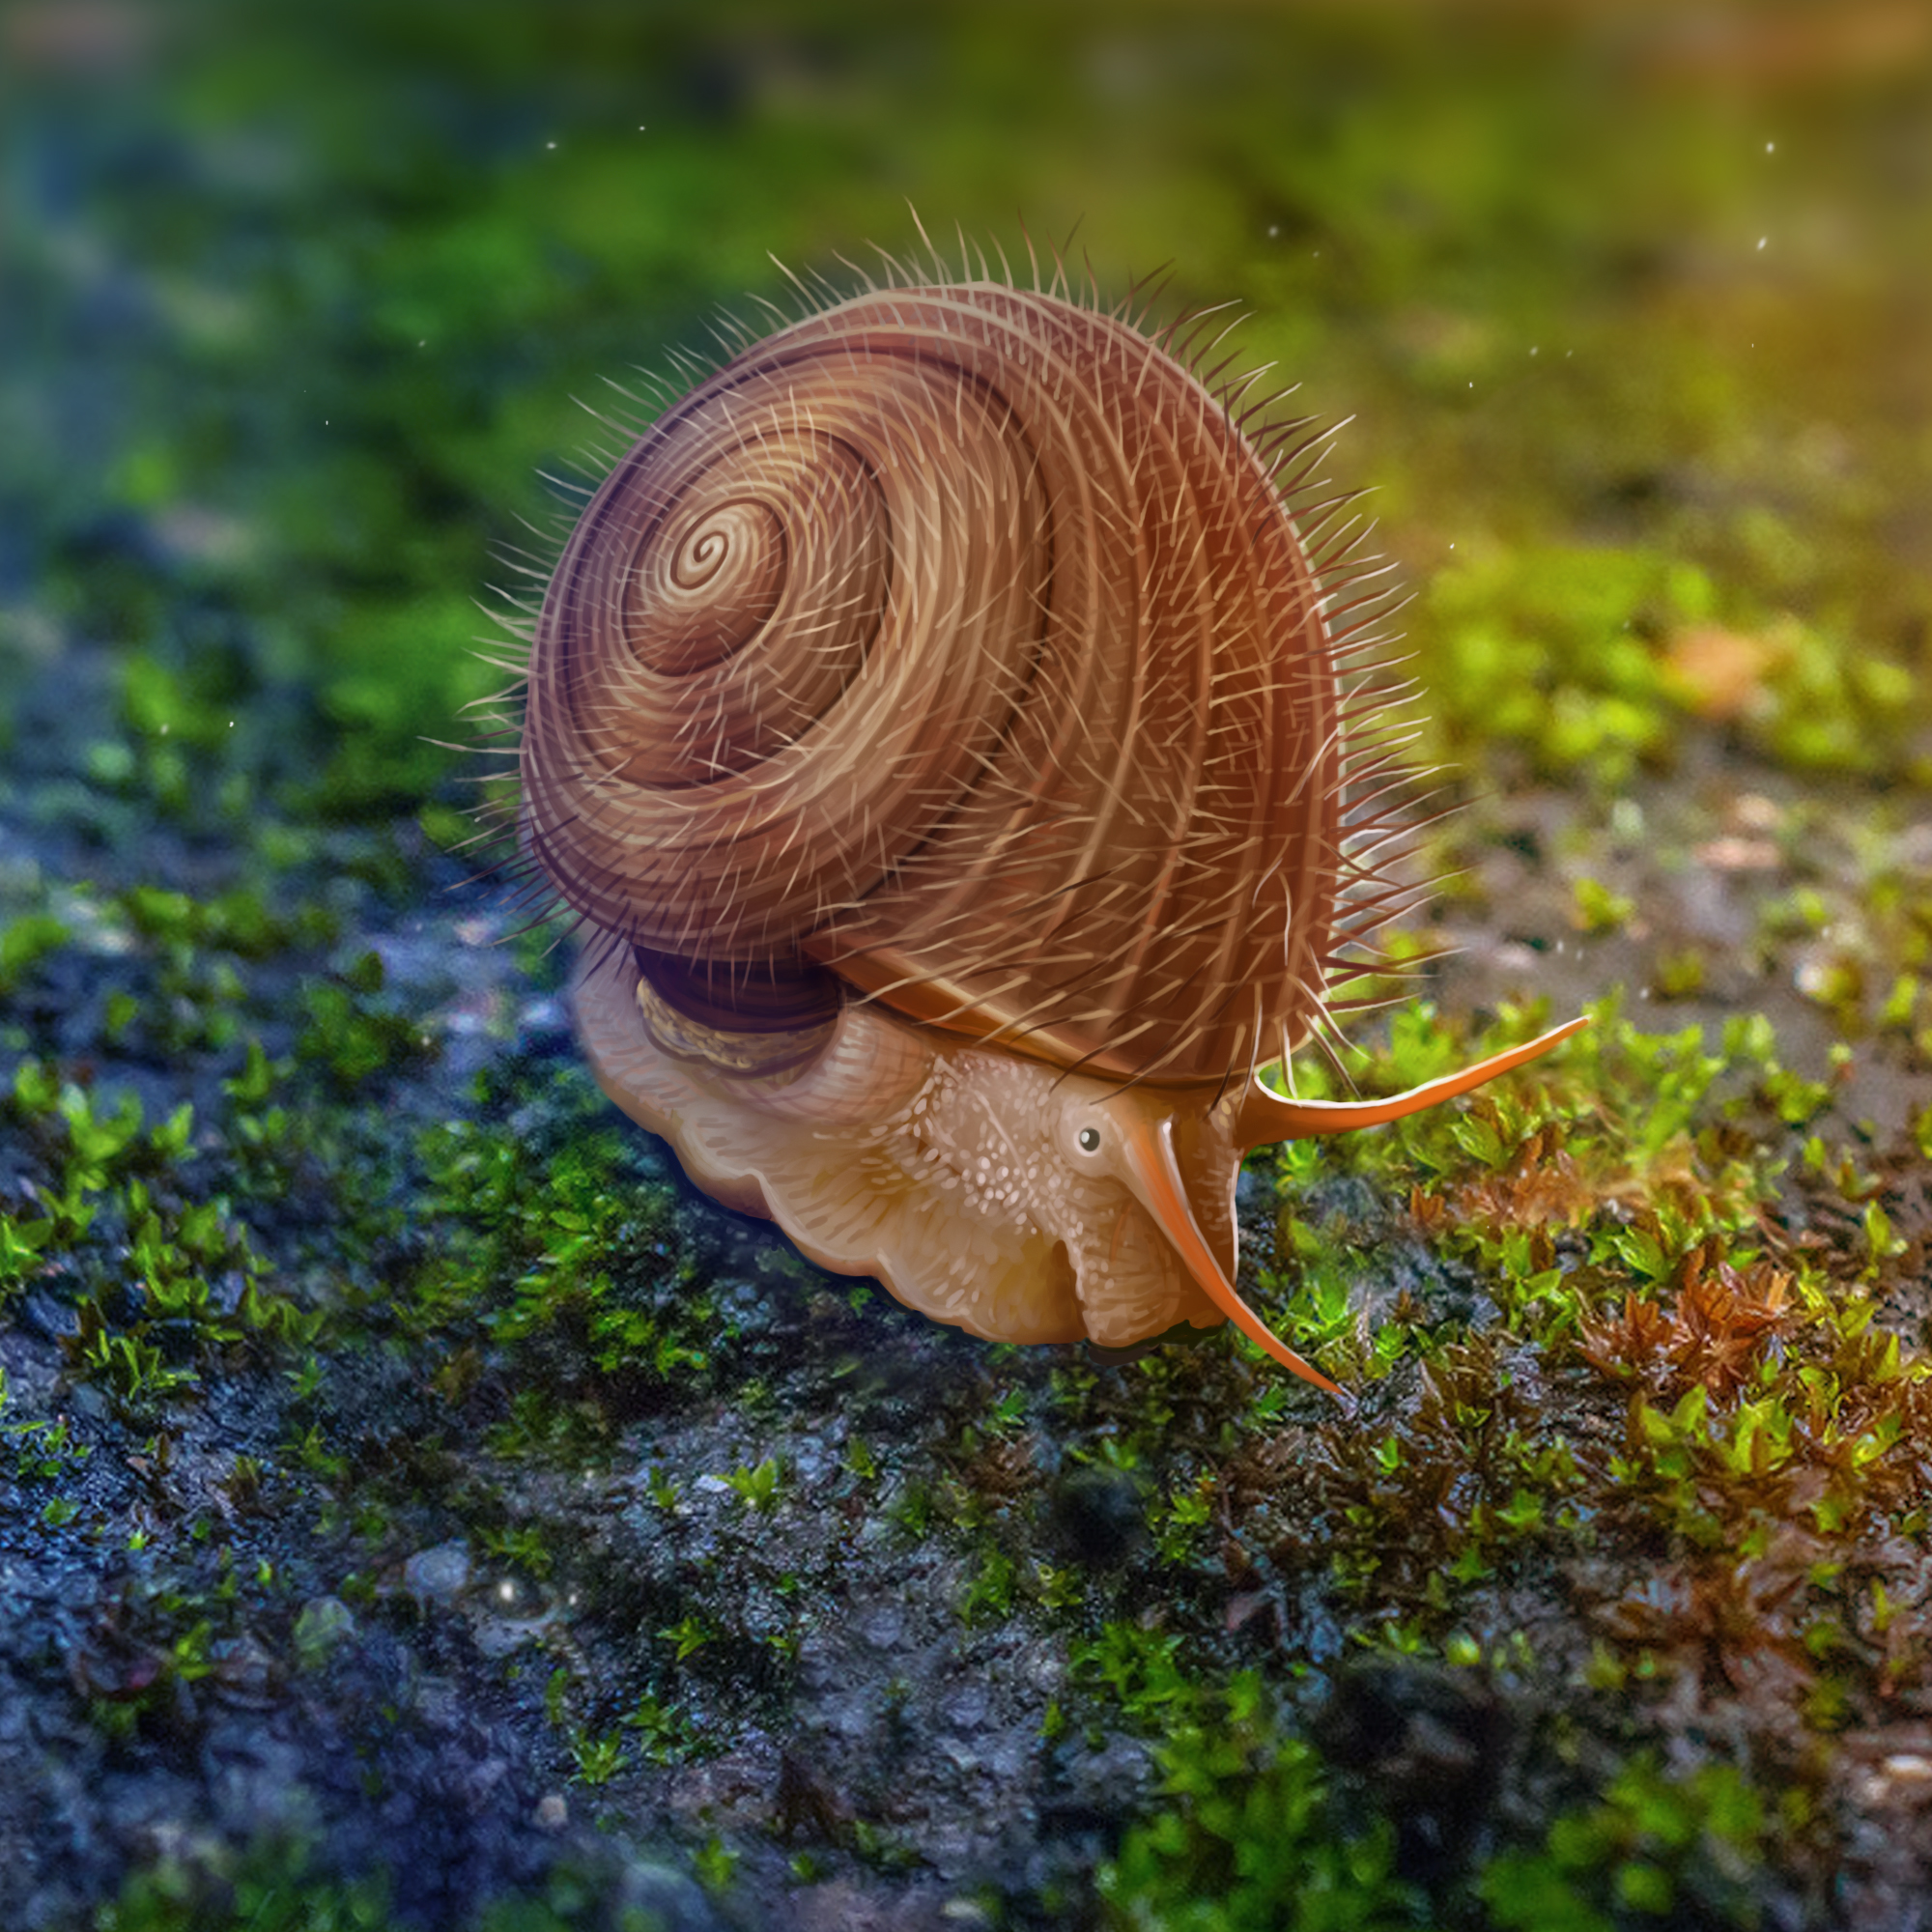 毛烘烘的蜗牛长啥样?一亿年前带角质毛的蜗牛琥珀现身